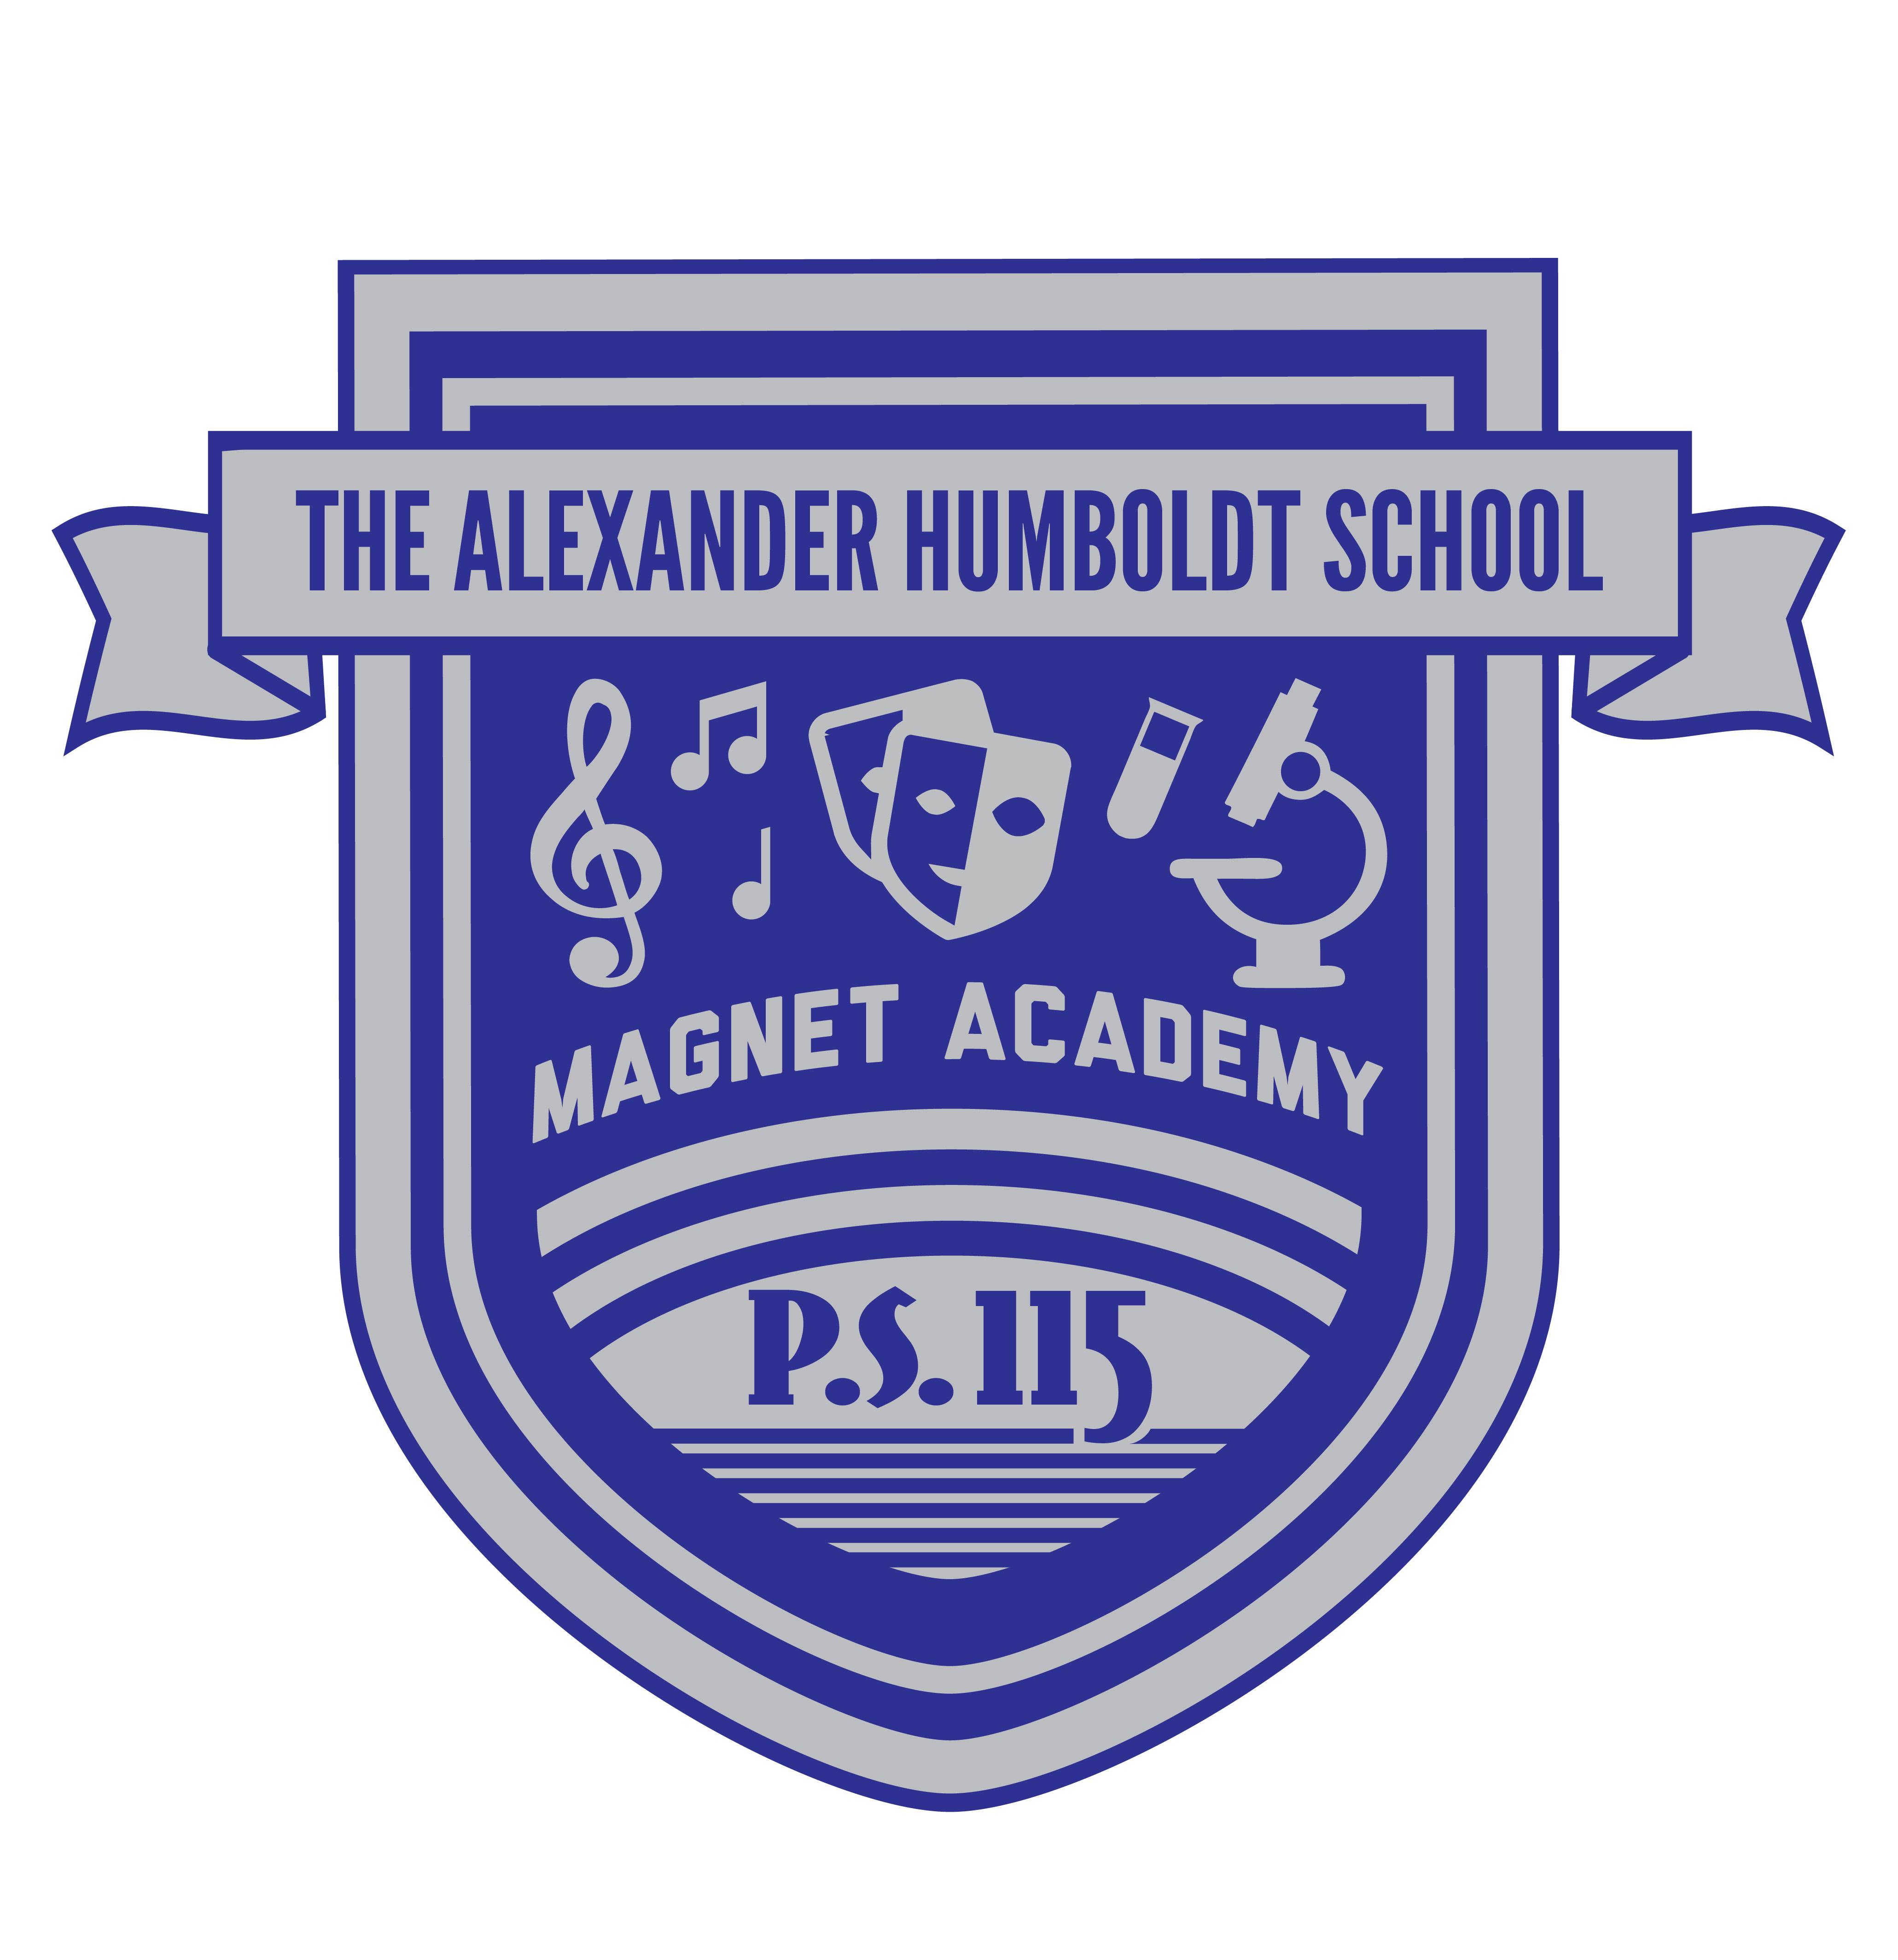 Alexander Humboldt School Logo